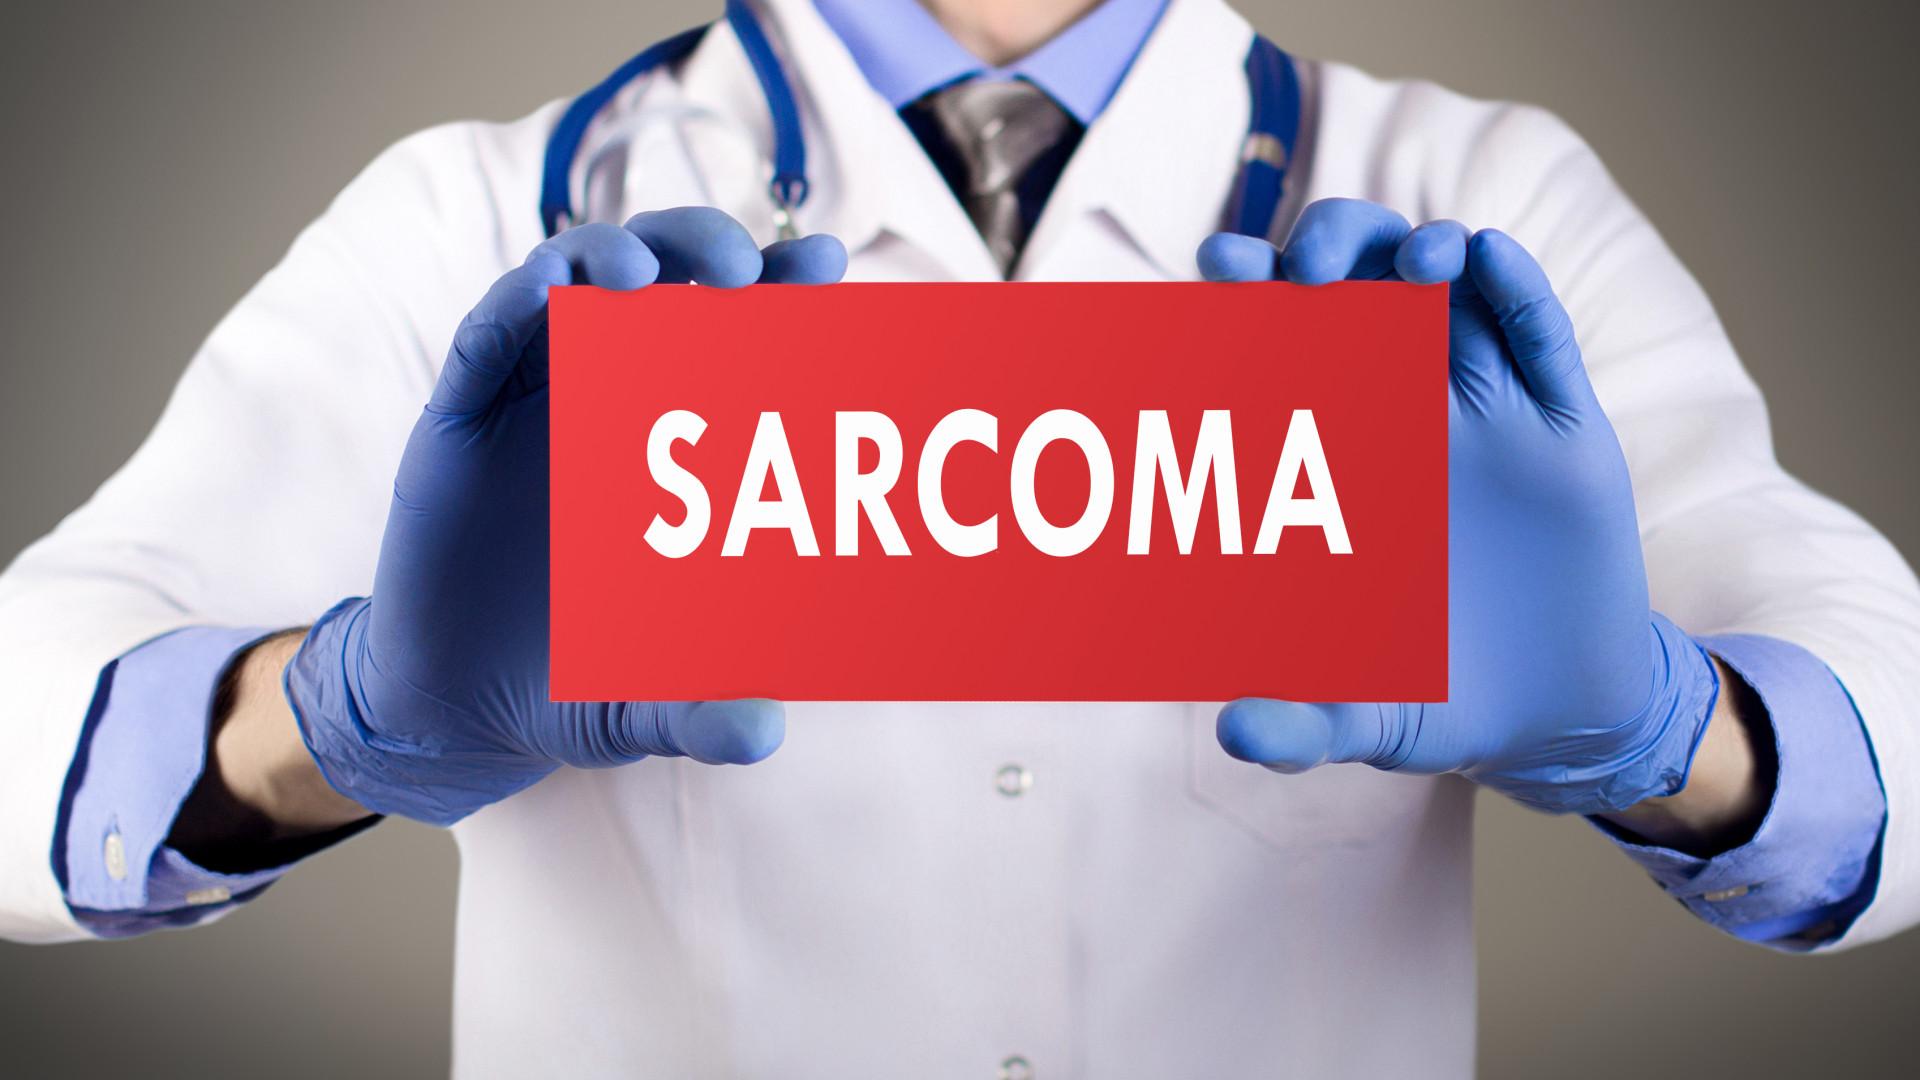 5 coisas que você precisa saber sobre sarcomas